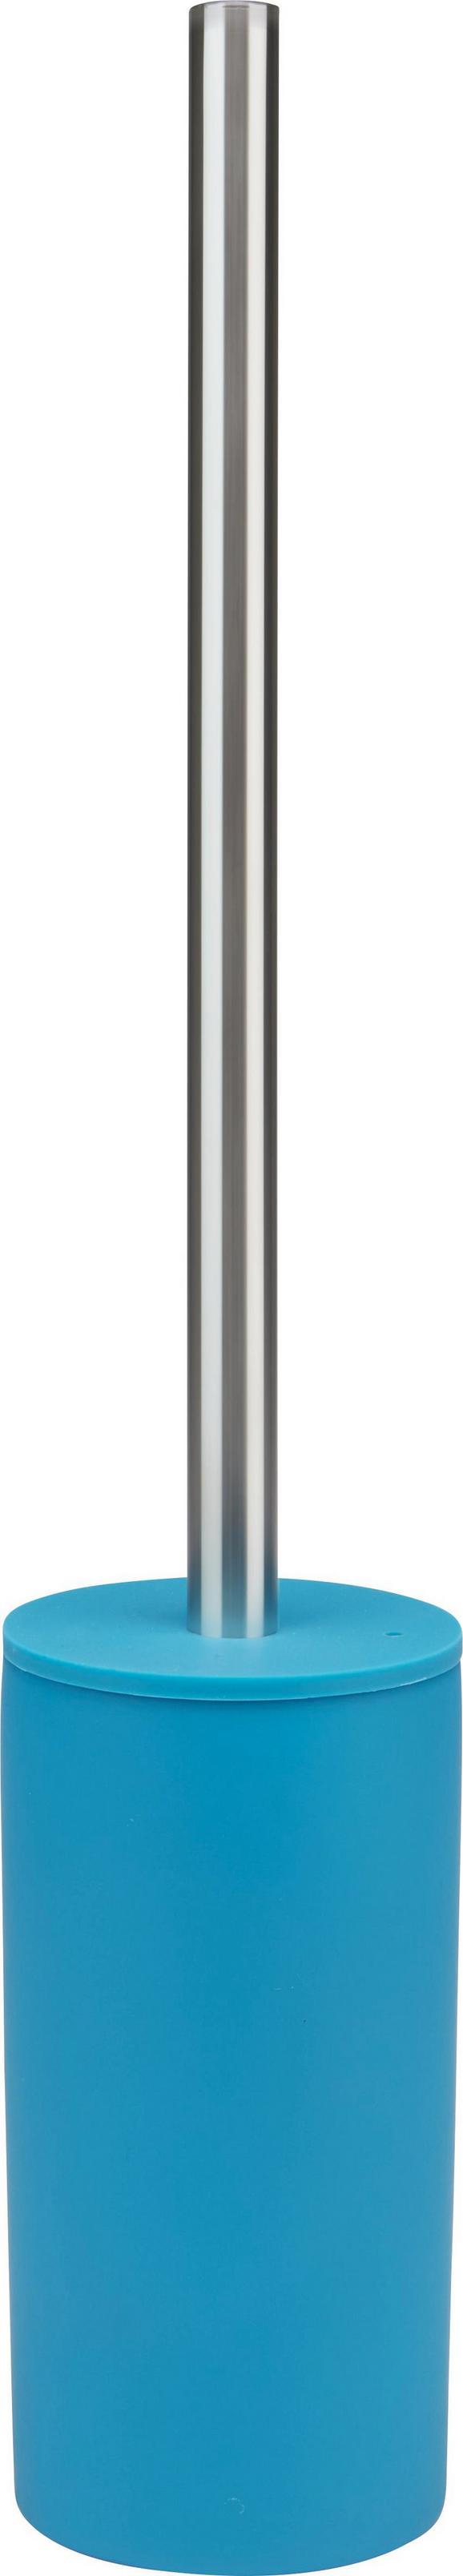 Wc-ščetka Melanie - petrolej, Konvencionalno, kovina/umetna masa (8/45cm) - Mömax modern living